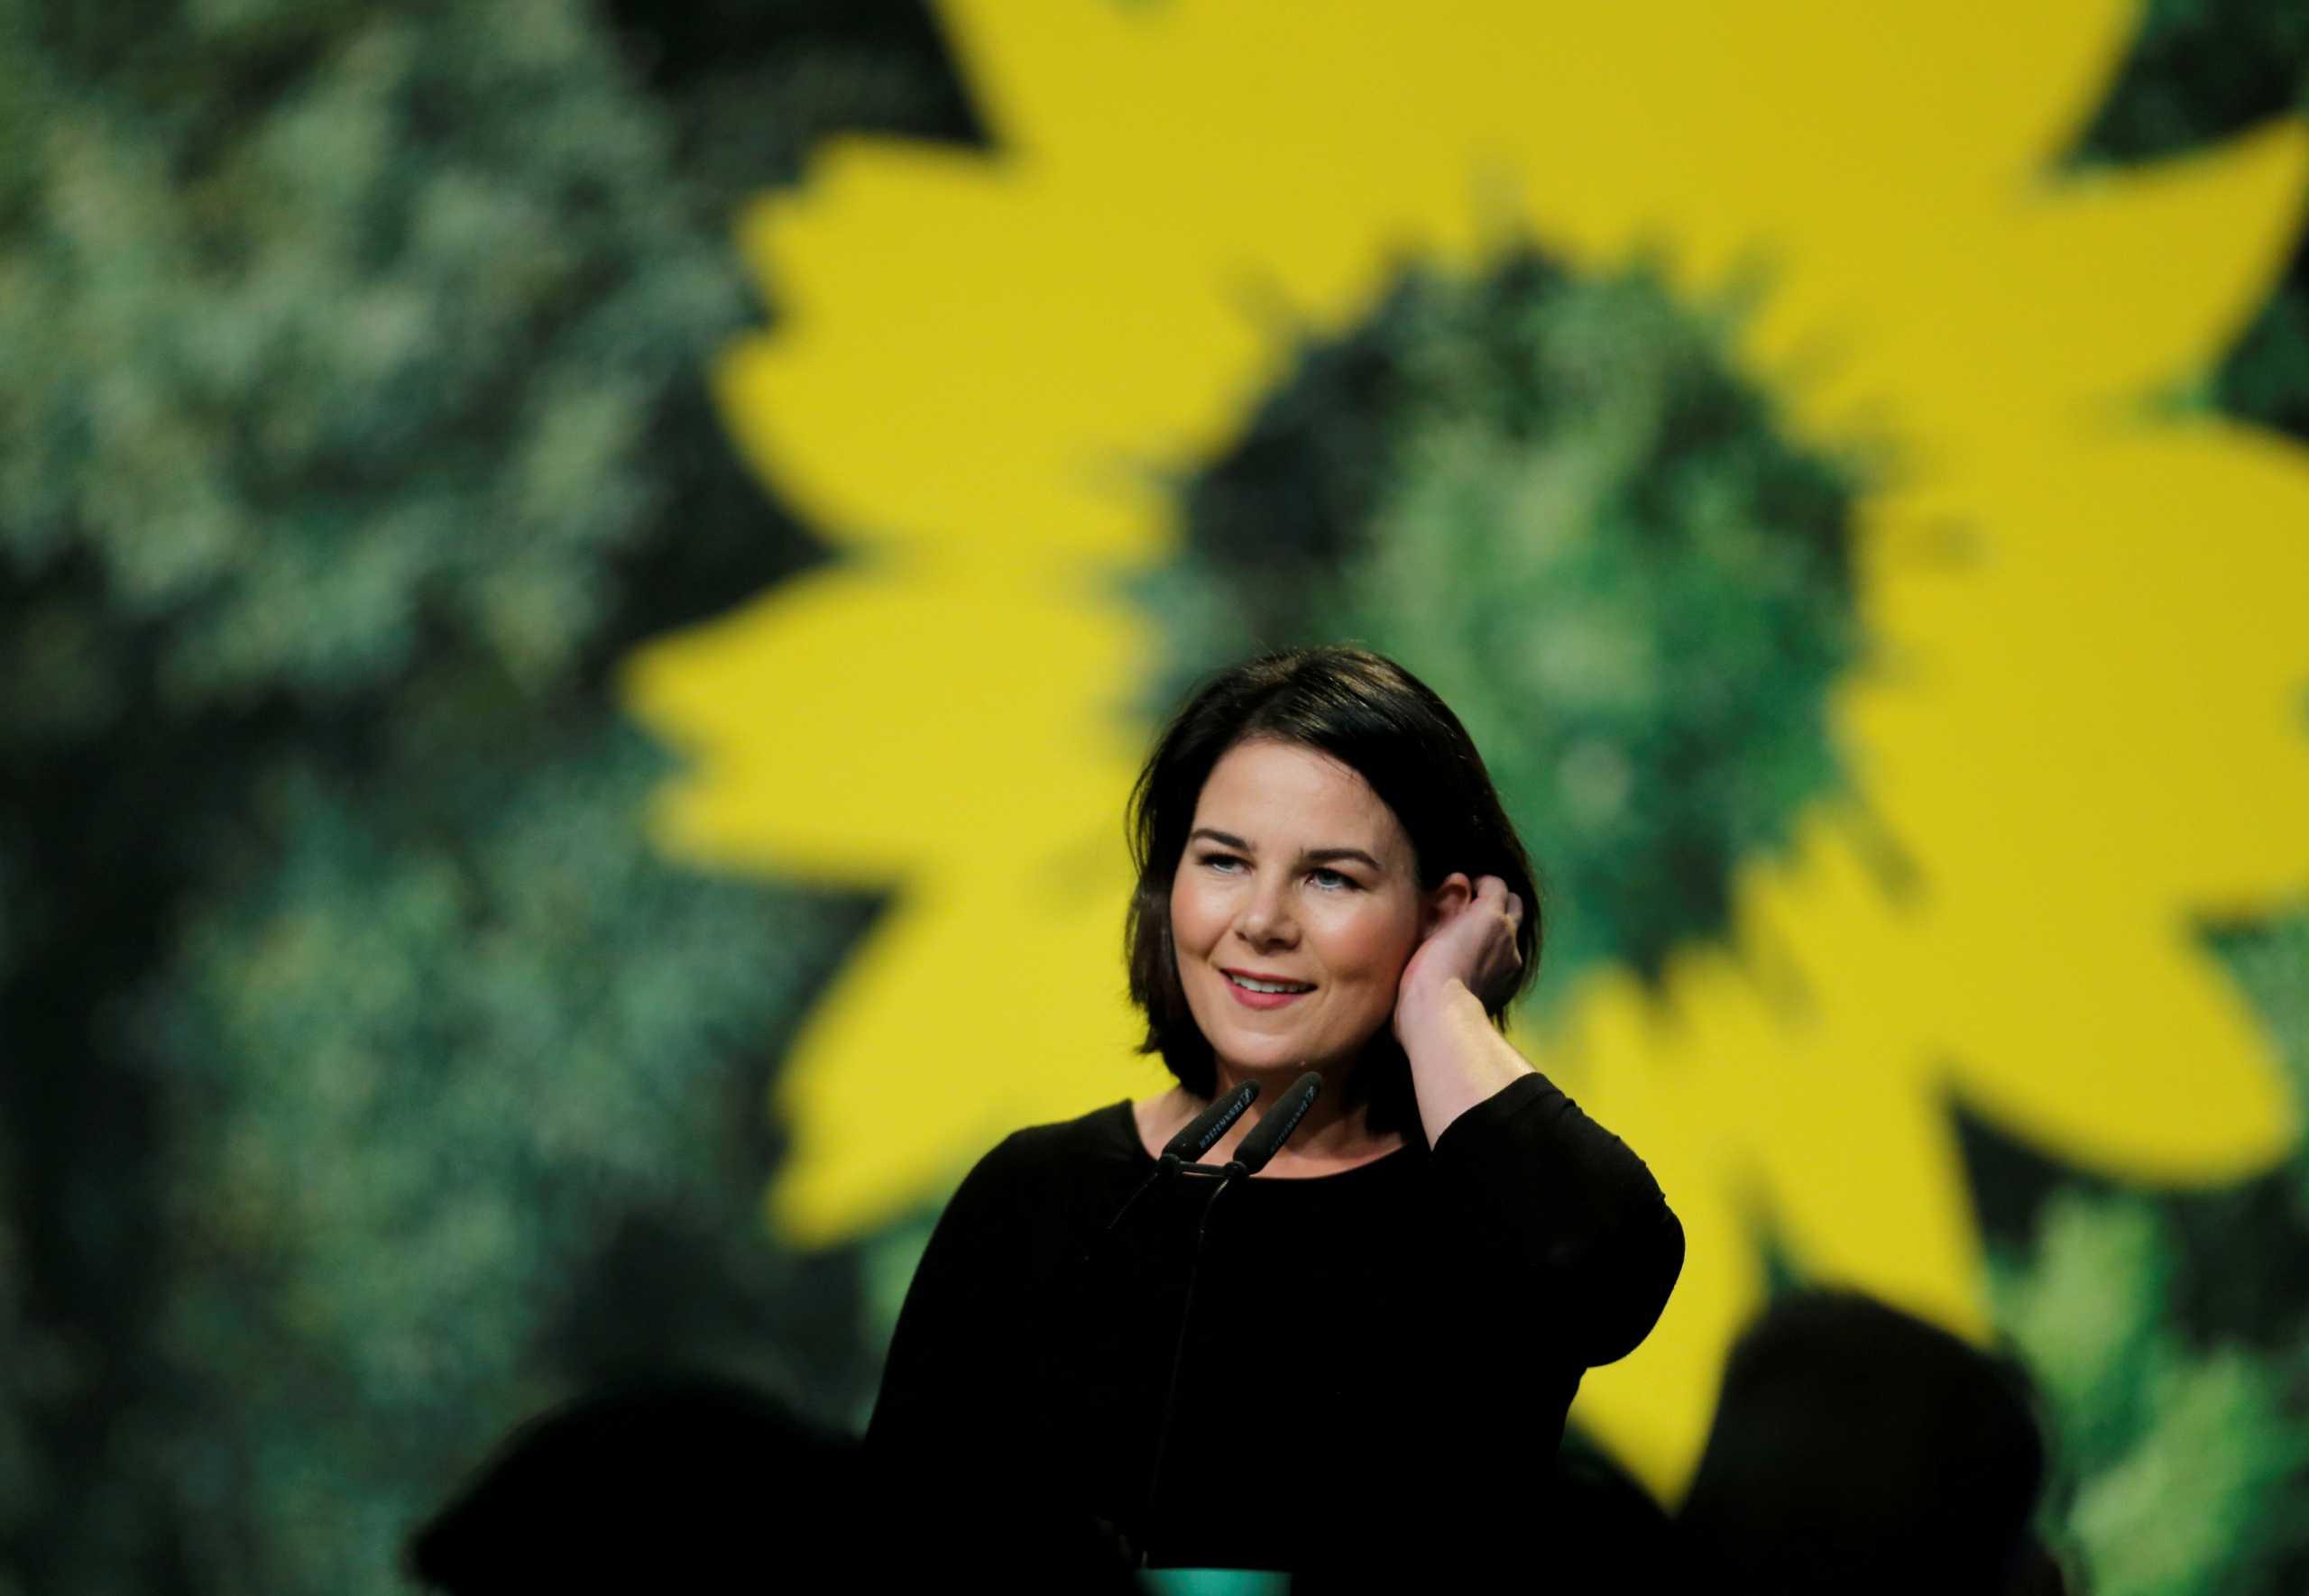 Η Ανναλένα Μπέρμποκ είναι υποψήφια καγκελάριος στην Γερμανία με τους Πράσινους